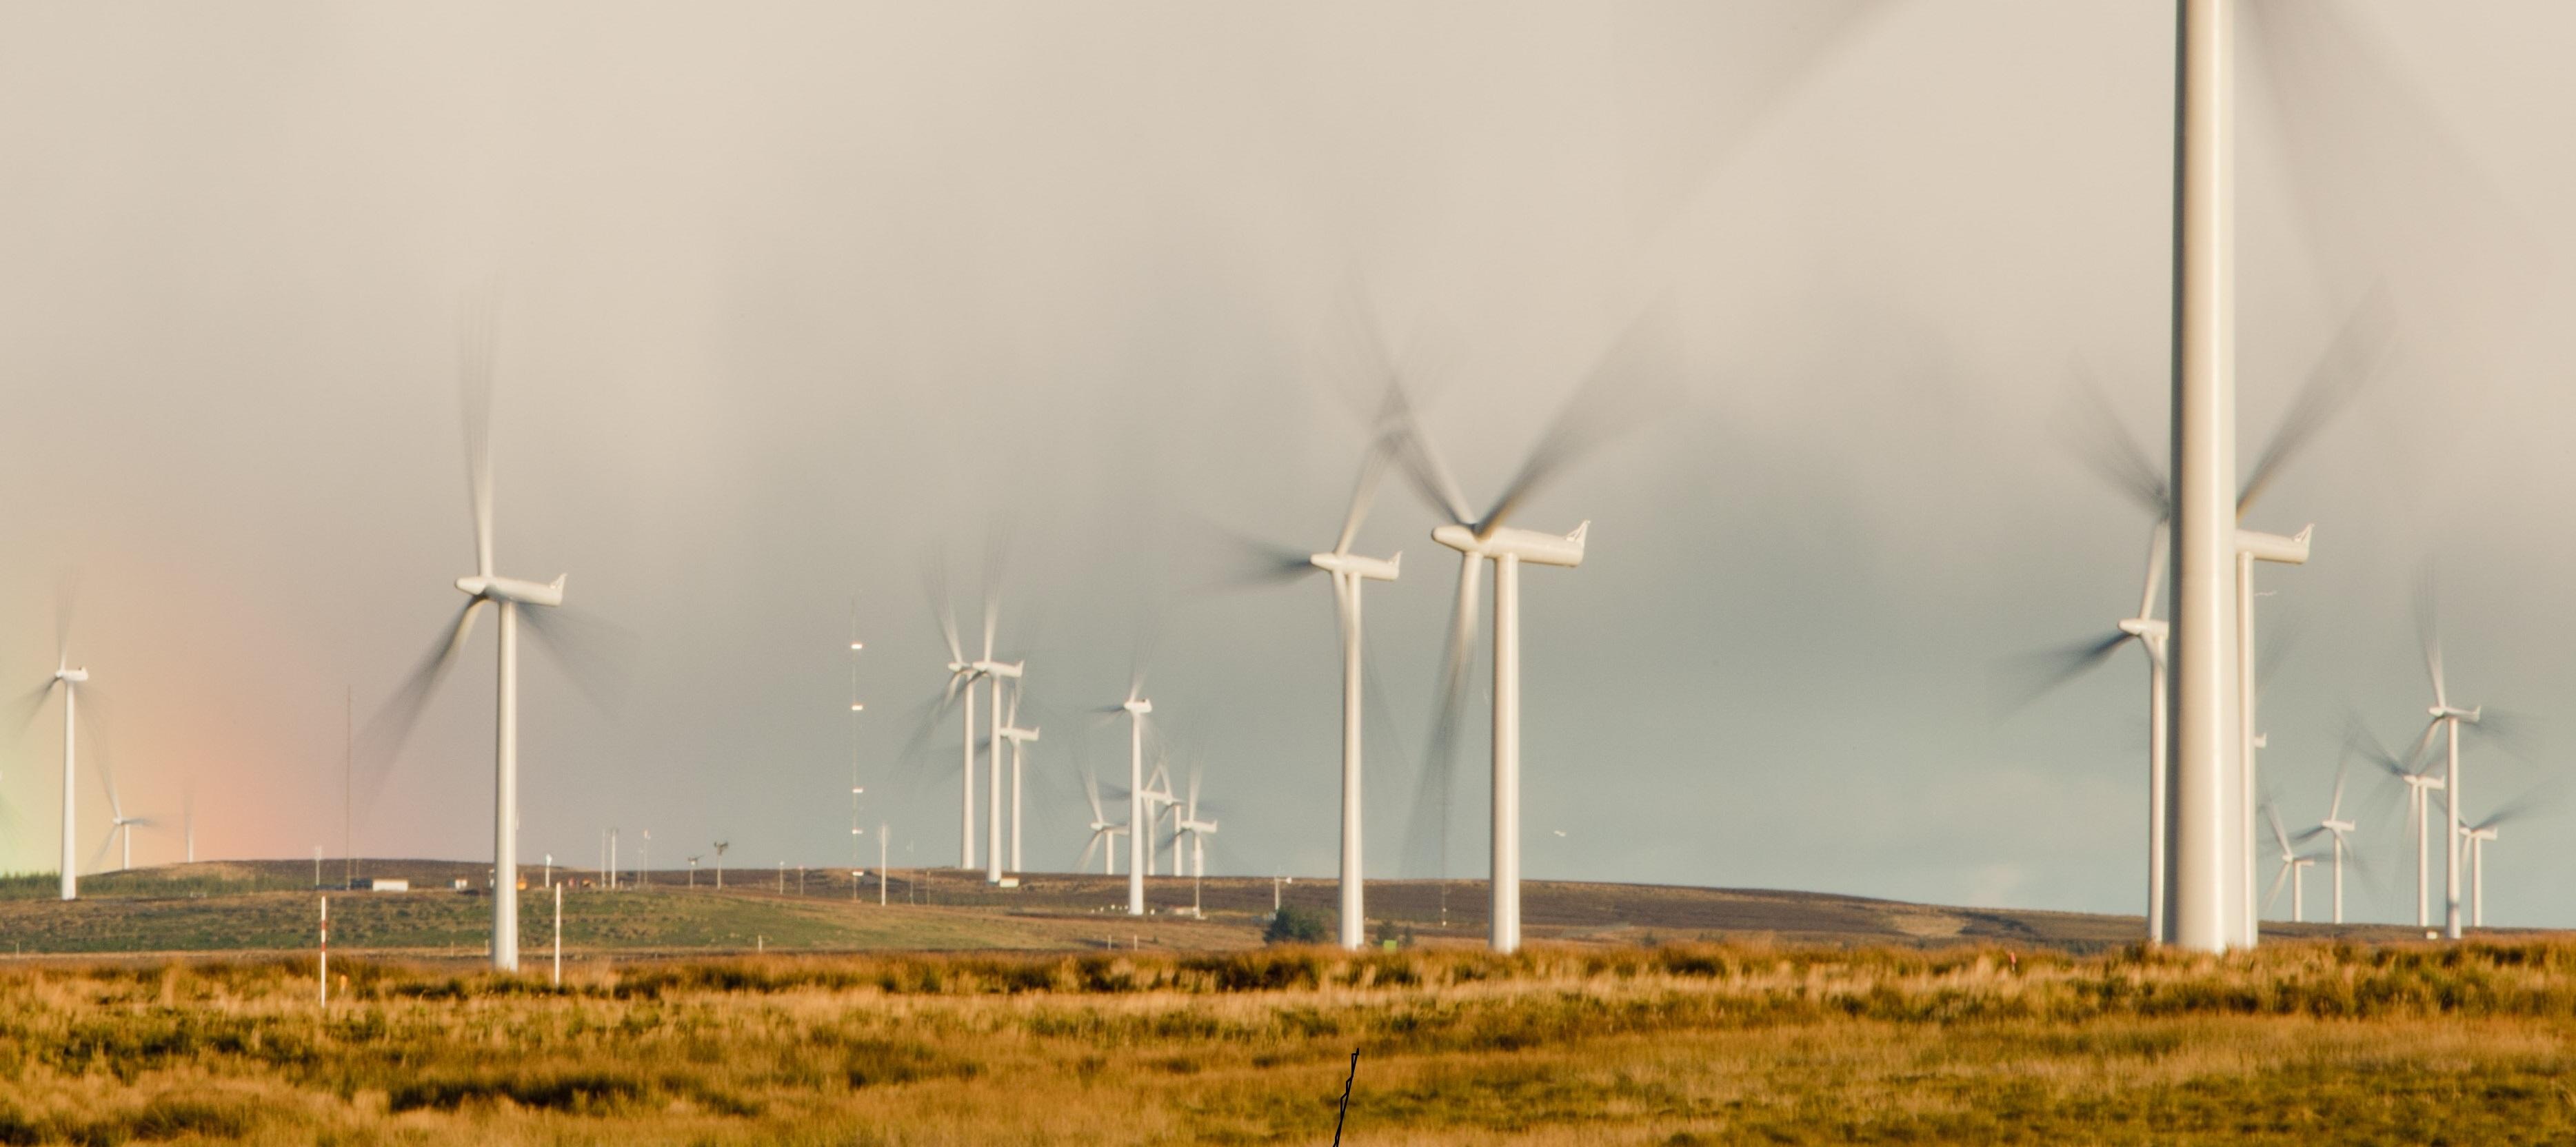 10 mln złotych na wsparcie wdrażania polityki klimatyczno-energetycznej i badania jej wpływu na polską gospodarkę